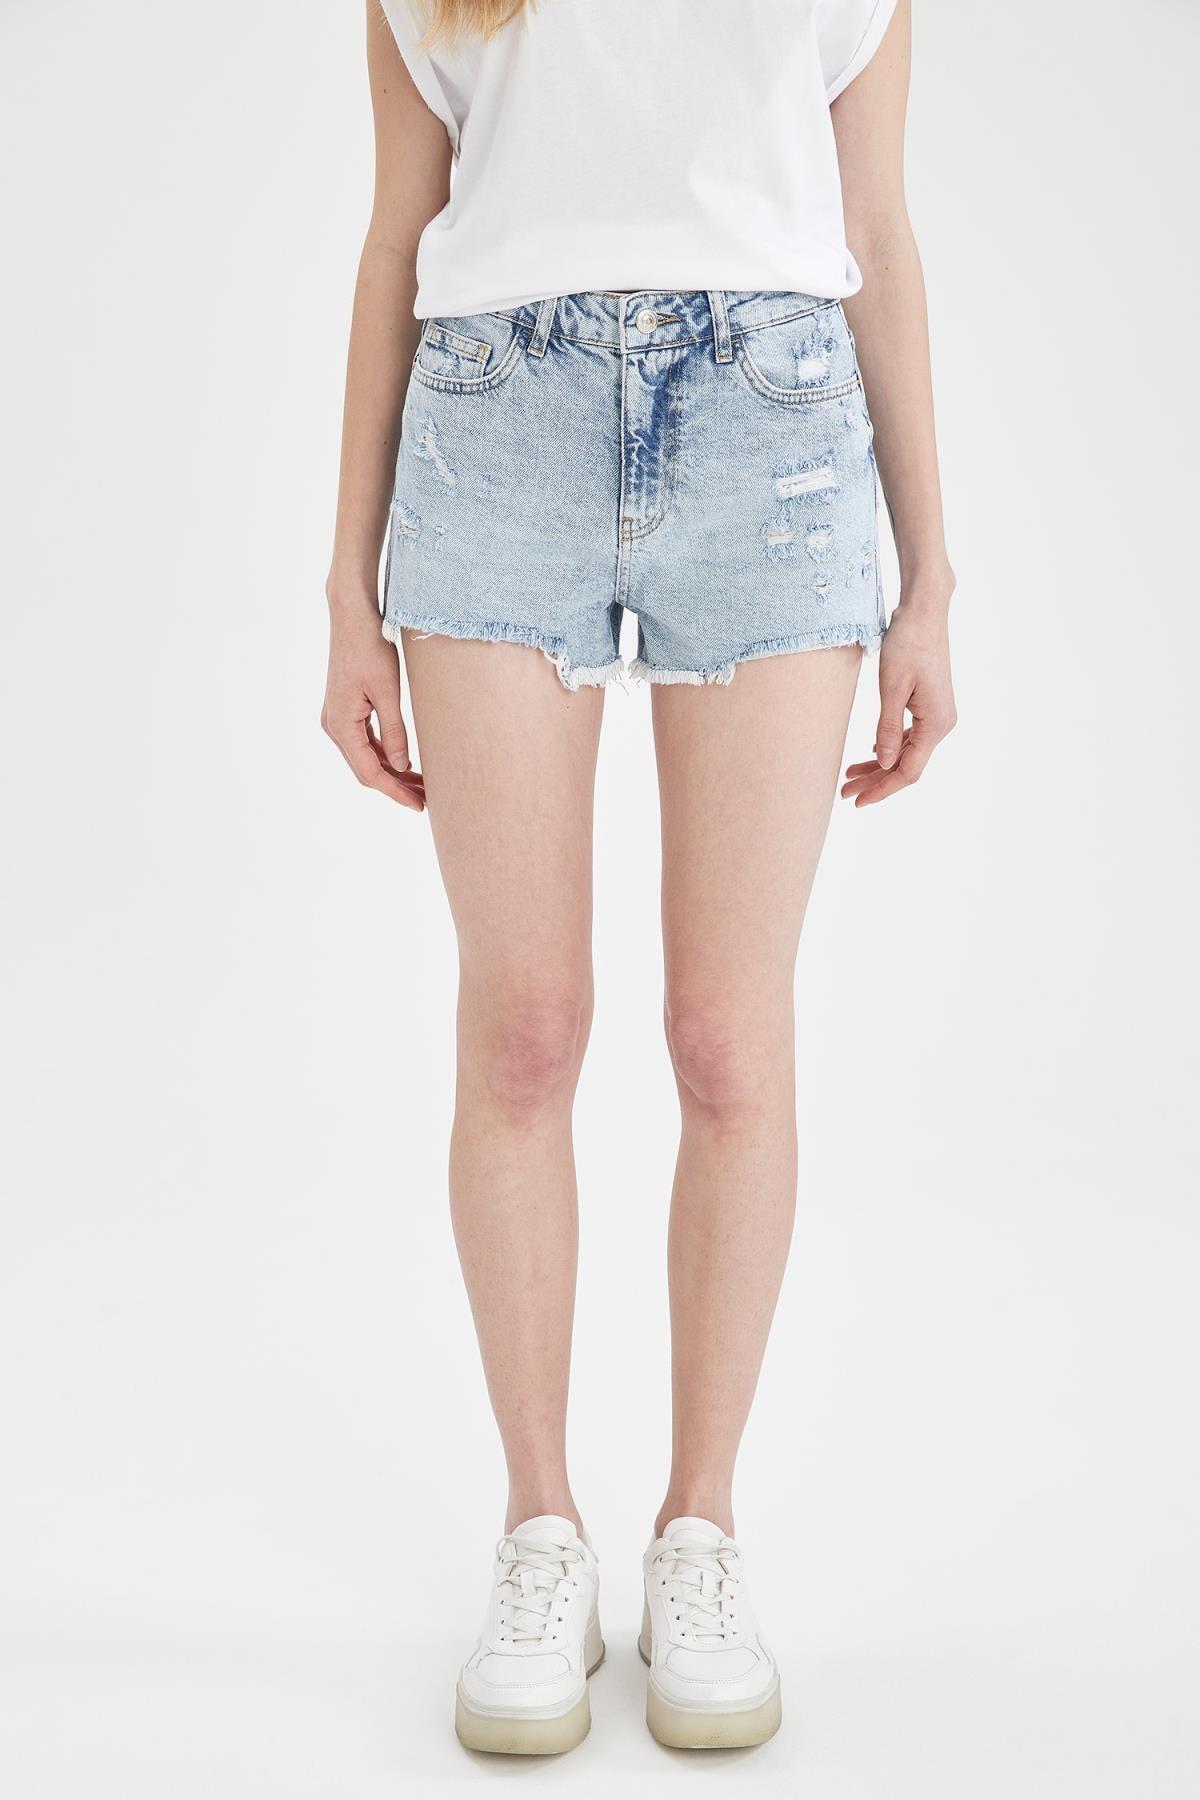 Kadın Mavi Yüksek Bel Yırtık Detaylı Jean Mini Şort